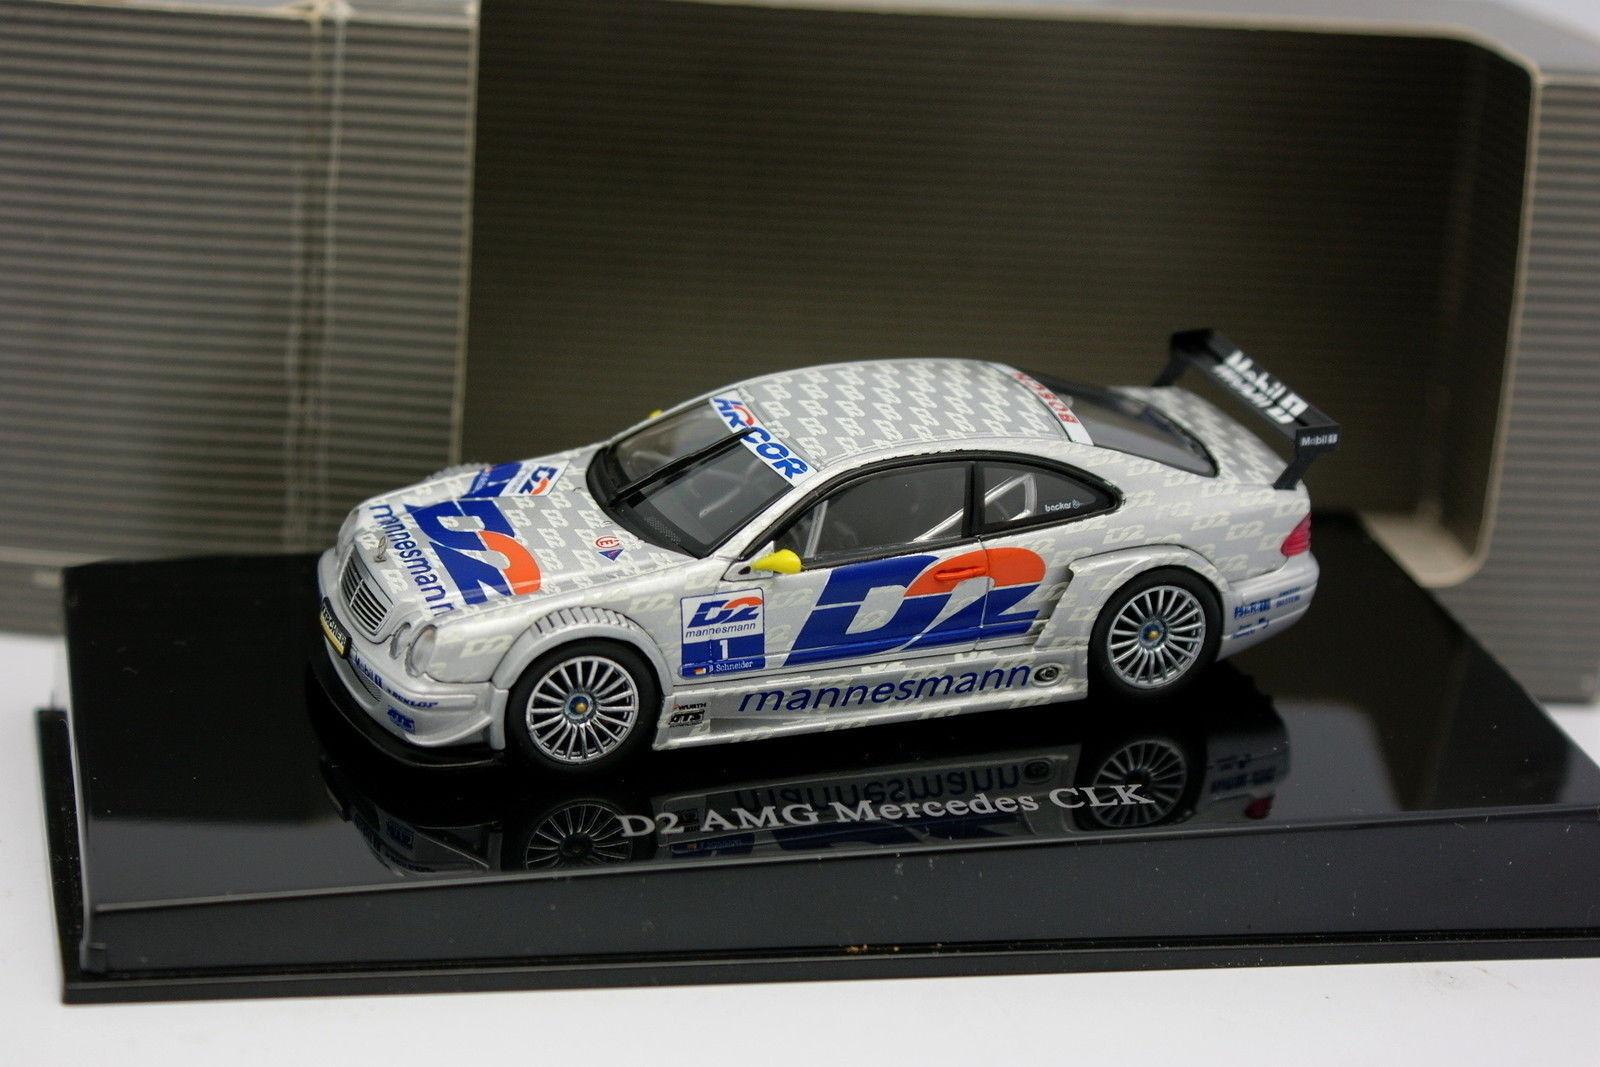 Auto Art 1 43 - Mercedes CLK AMG D2 DTM